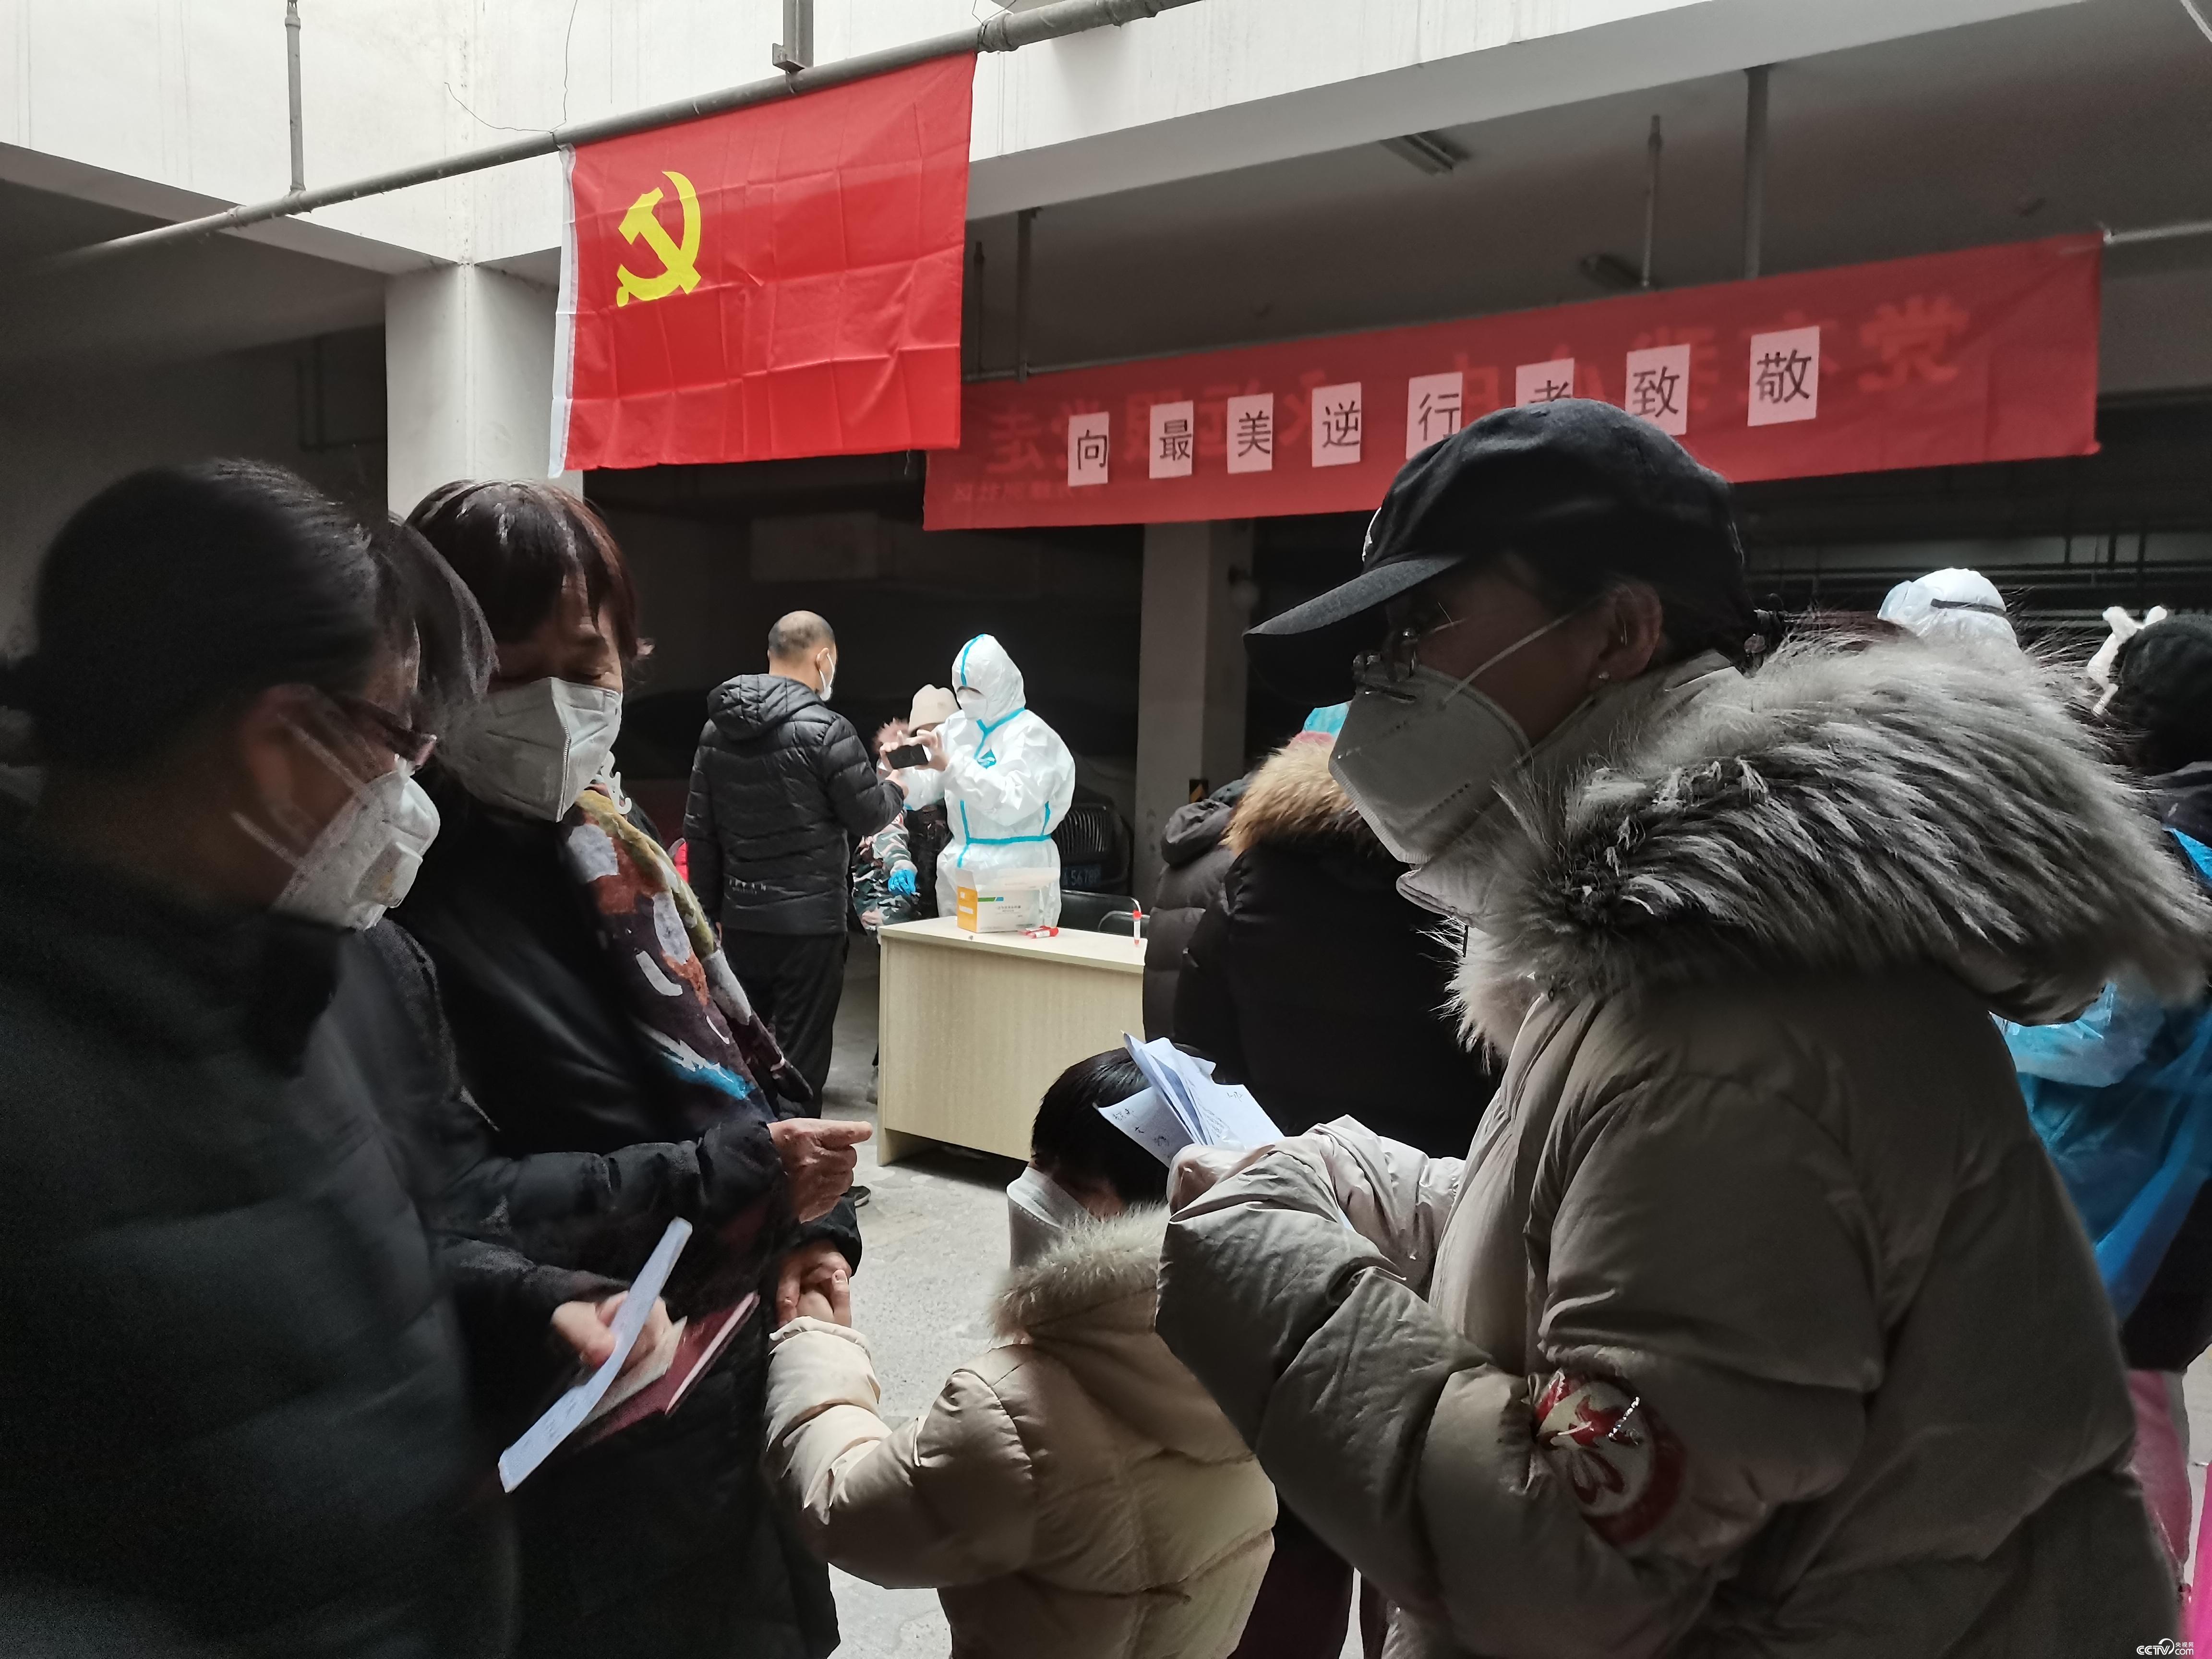 聚沙成塔 志愿者活跃在石家庄社区抗疫一线